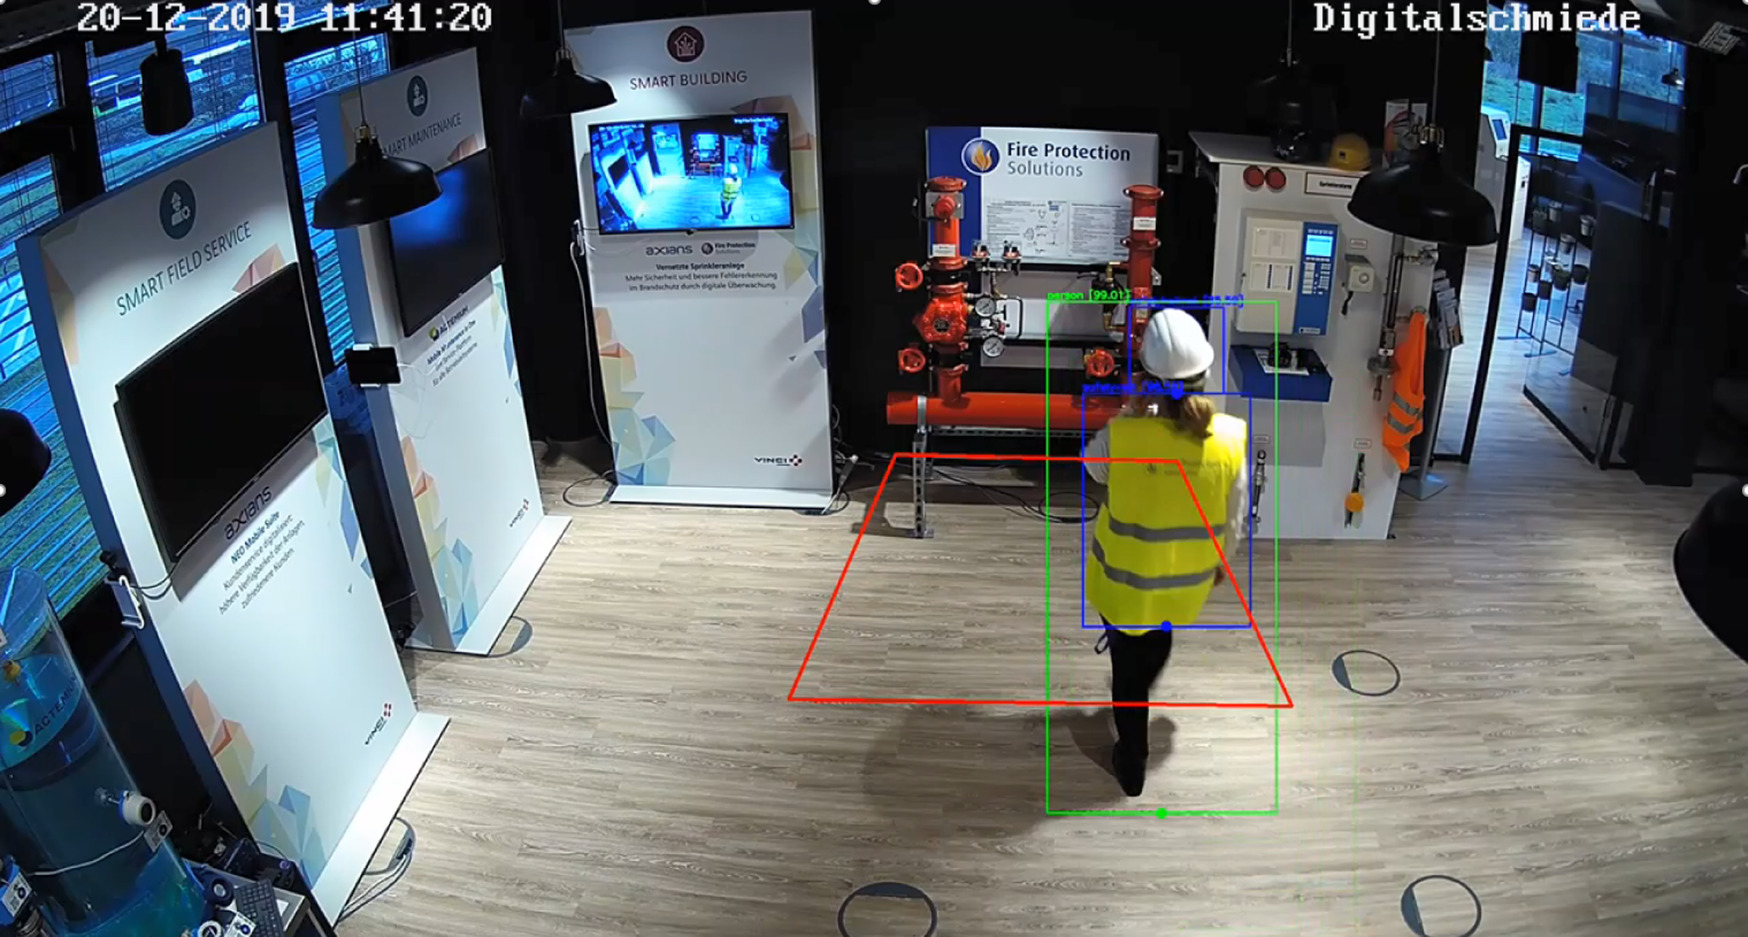 Edge Computing ermöglicht die Analyse von Bilddaten in der Fabrik, ohne die Konformität des Datenschutzes zu riskieren. (Bild: Actemium)